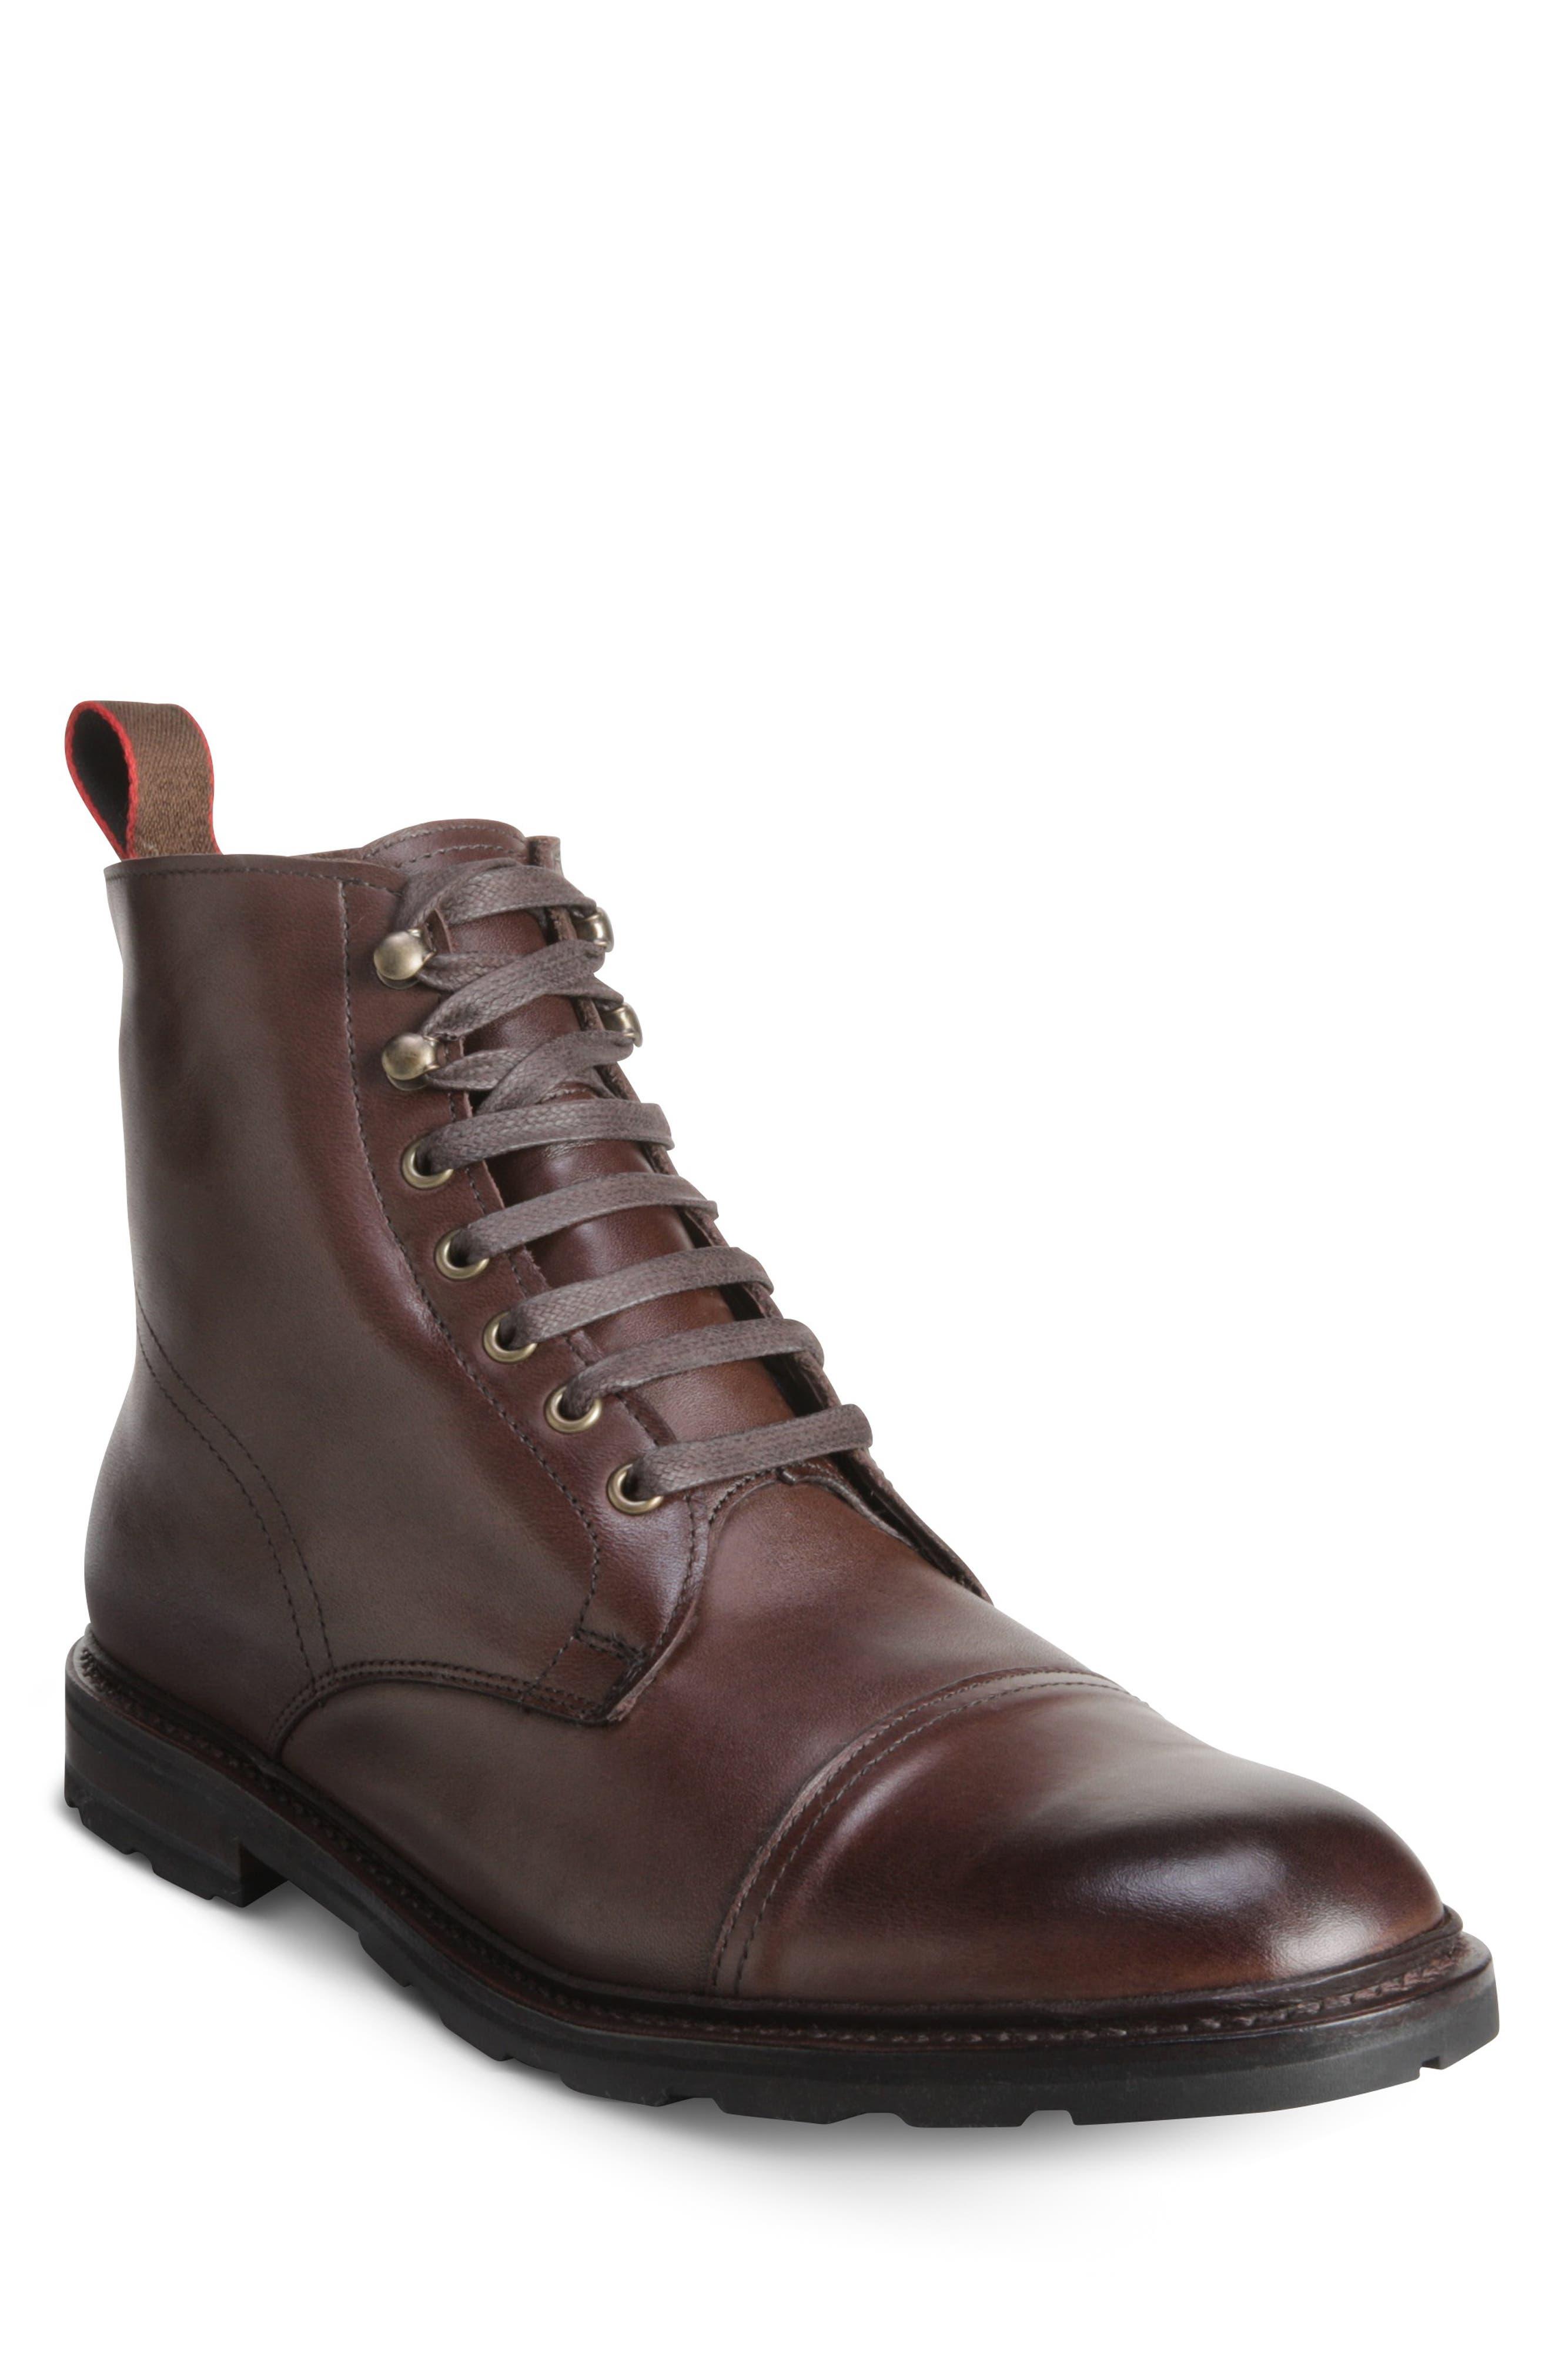 Alpine Cap Toe Boot